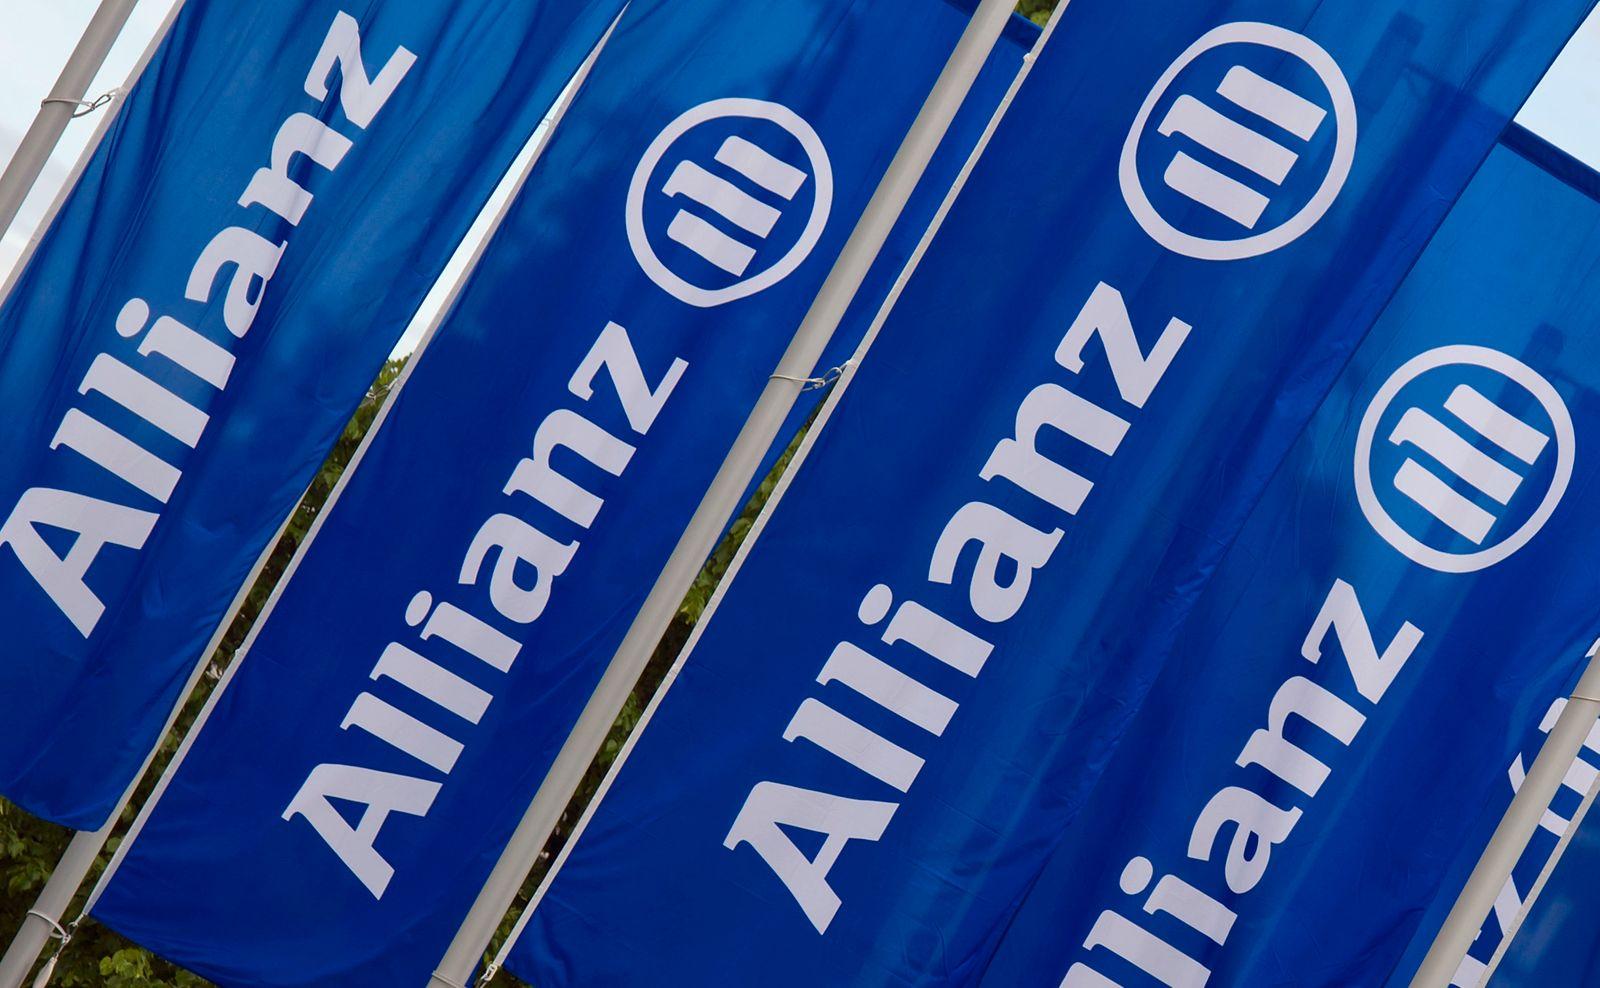 NICHT VERWENDEN Allianz Hauptversammlung / München / Fahnen